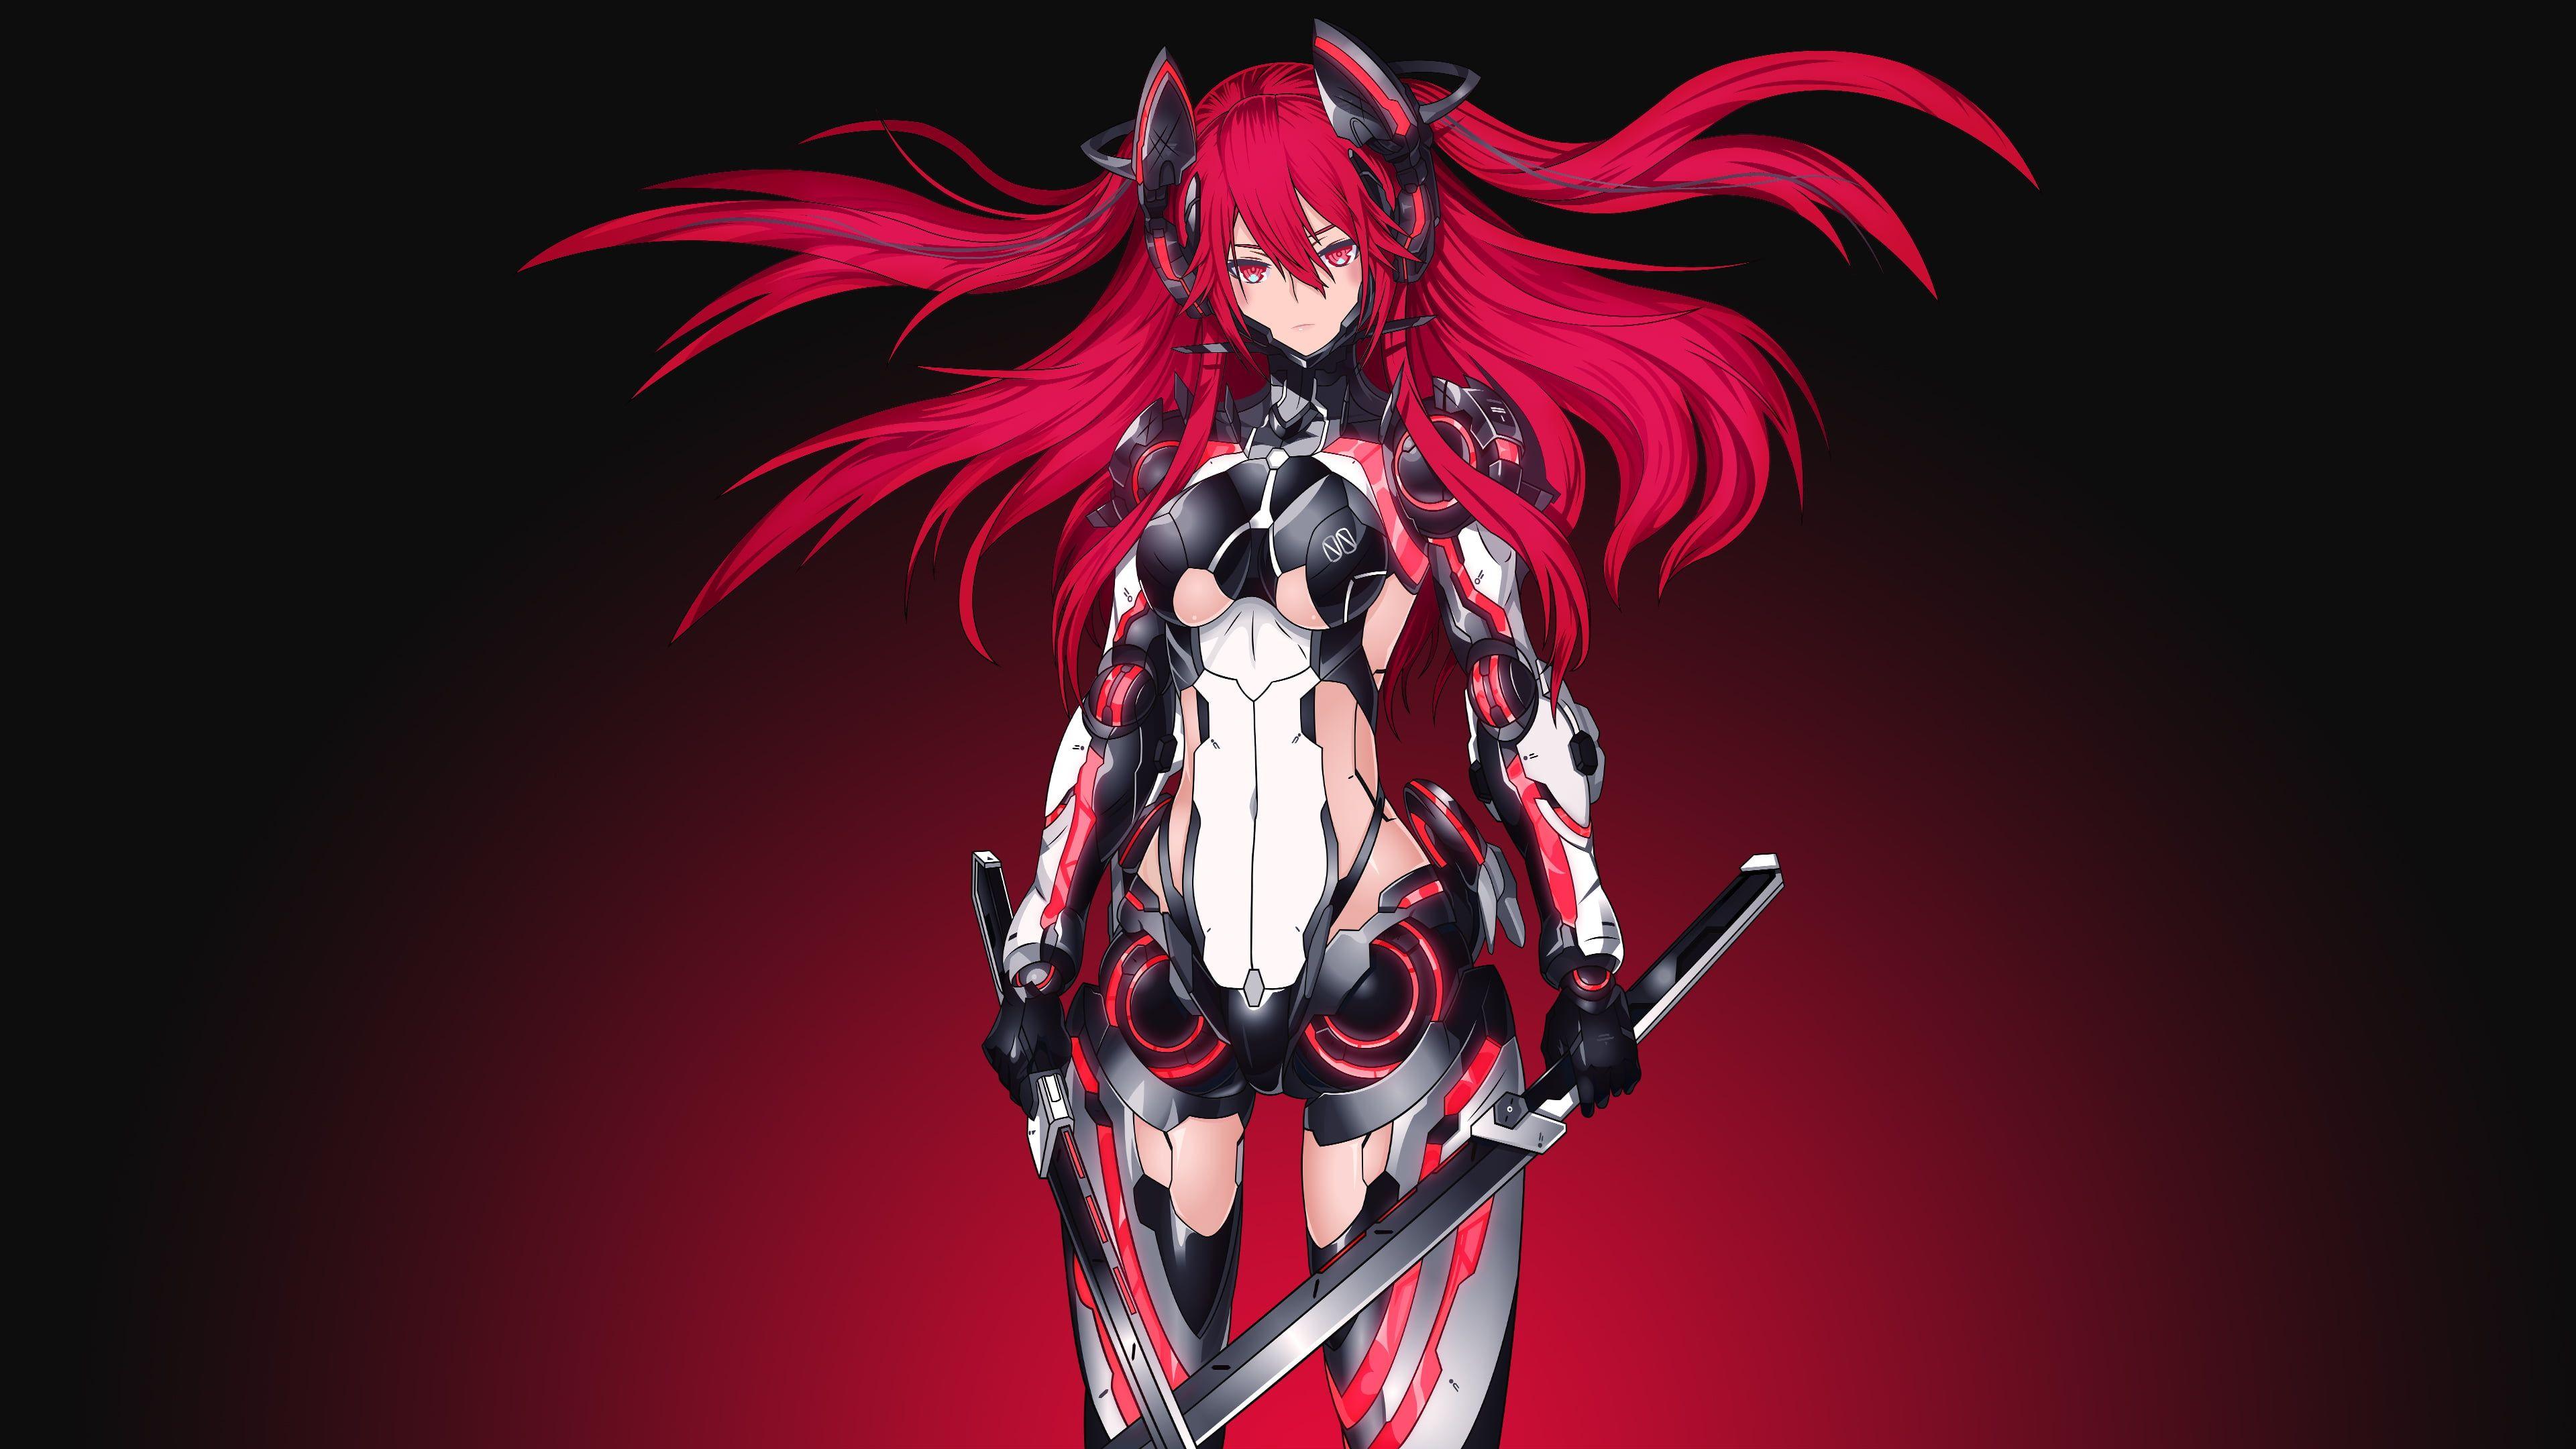 Red hair anime girl